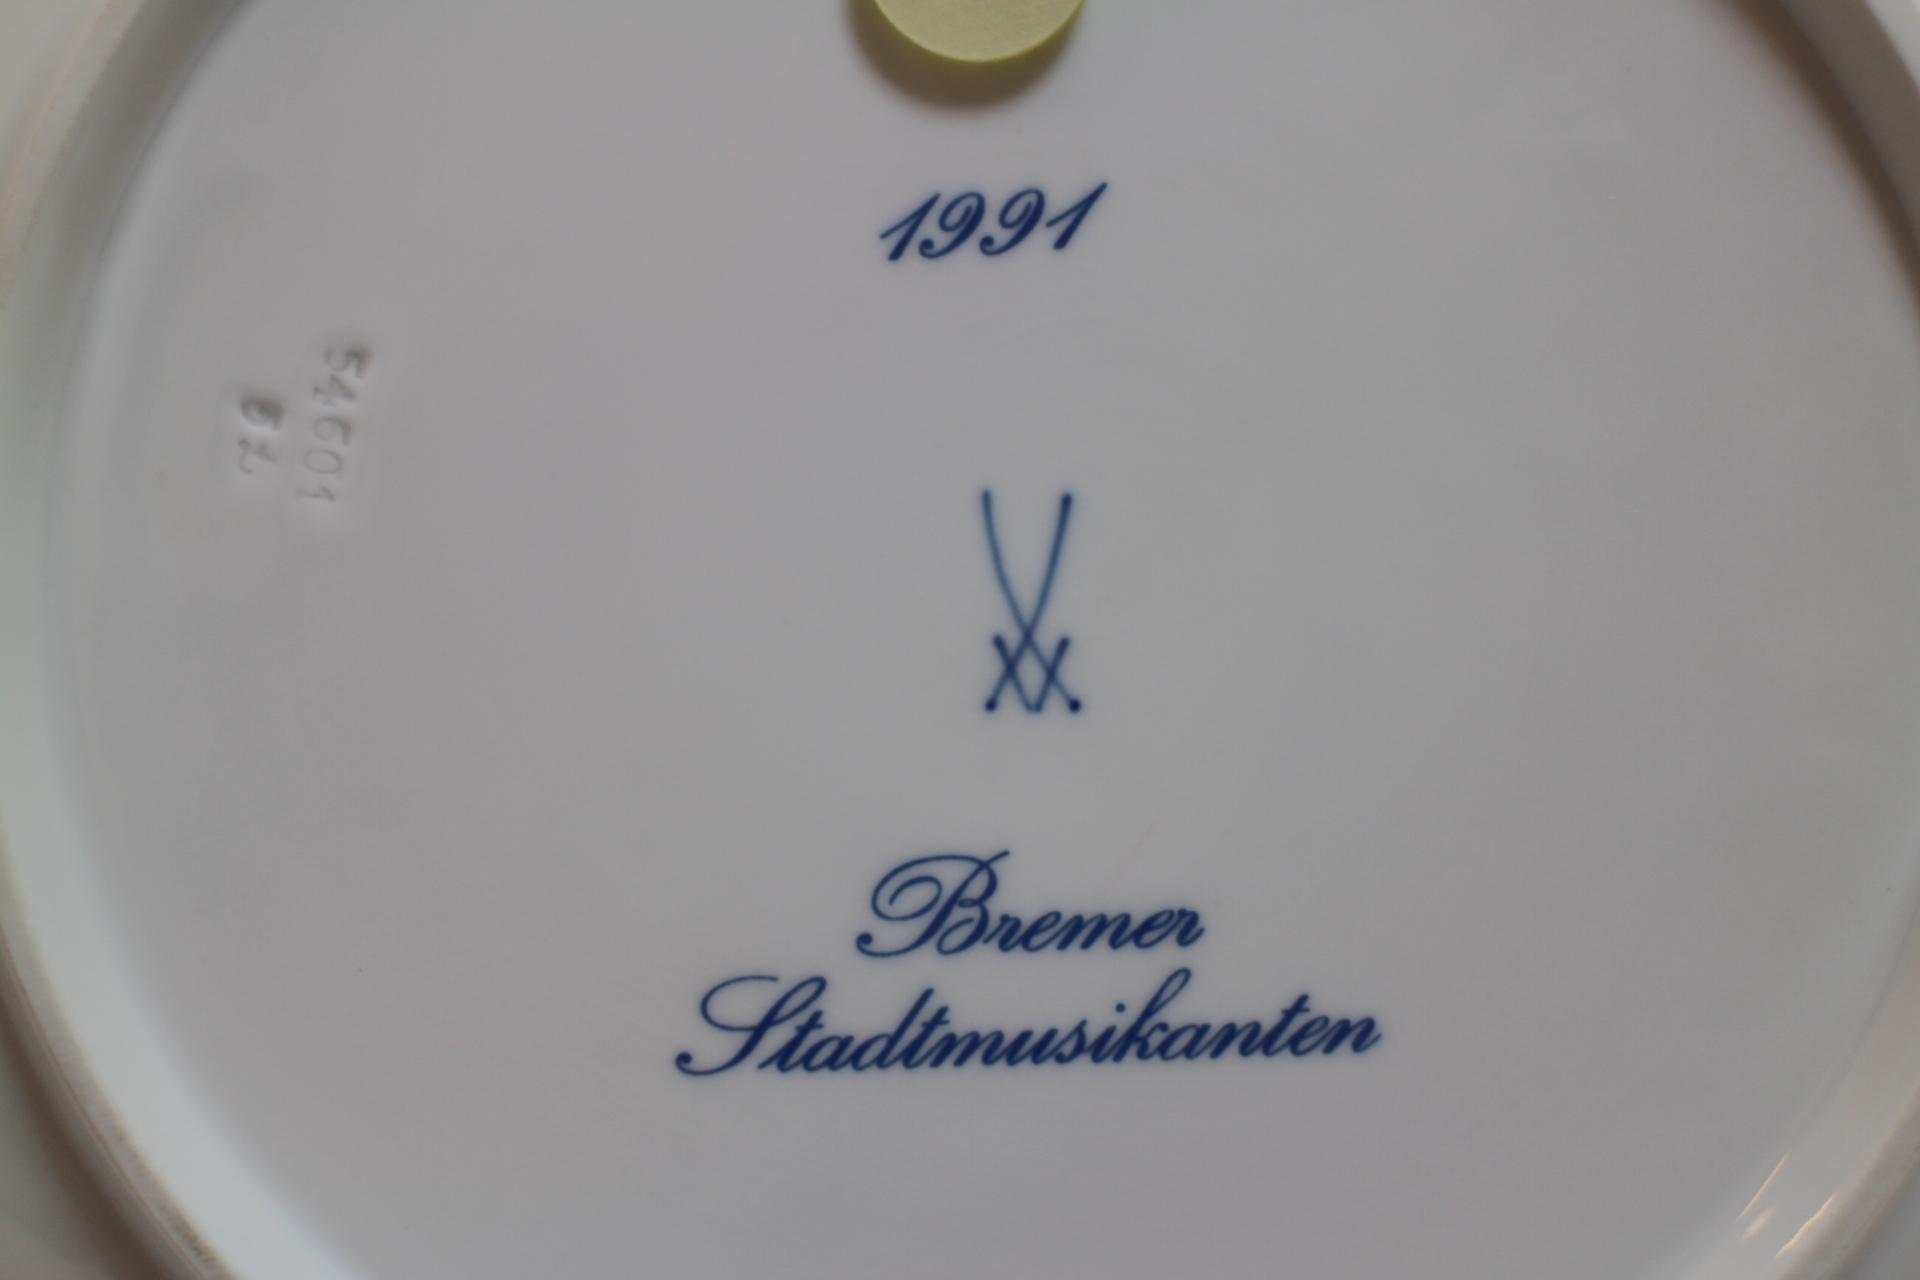 マイセンイヤープレート 1991年 ブレーメンの音楽隊4